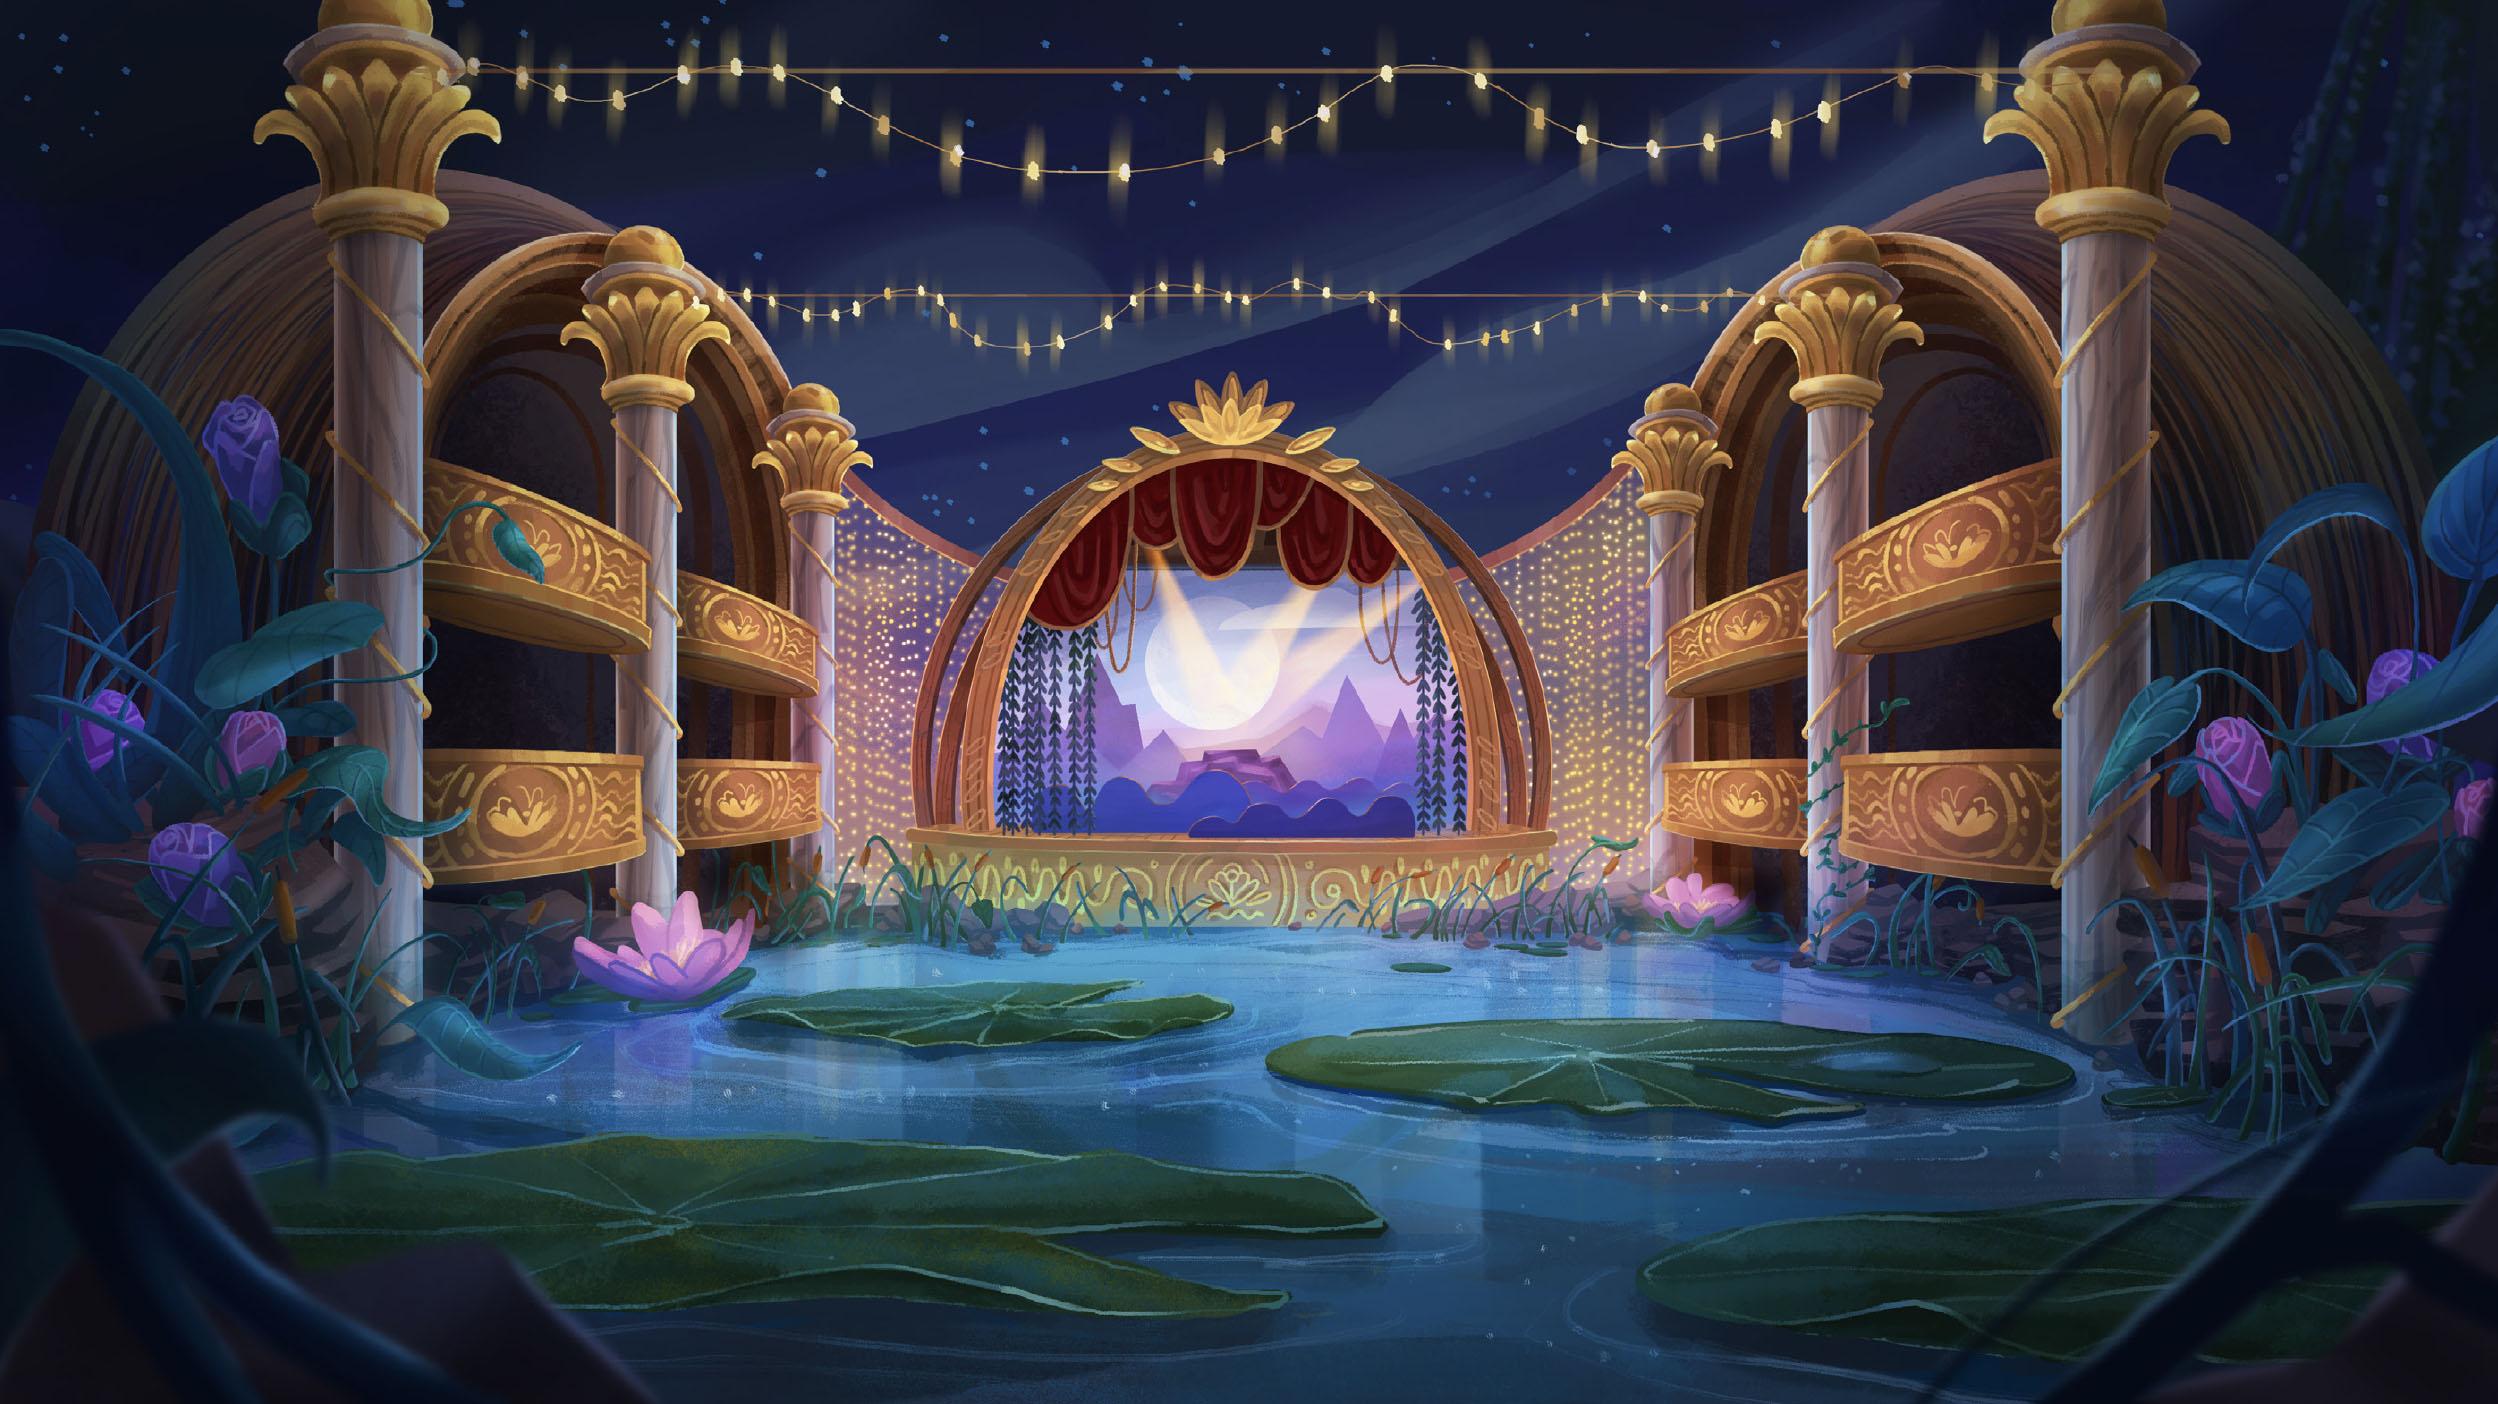 Opera Scene Design